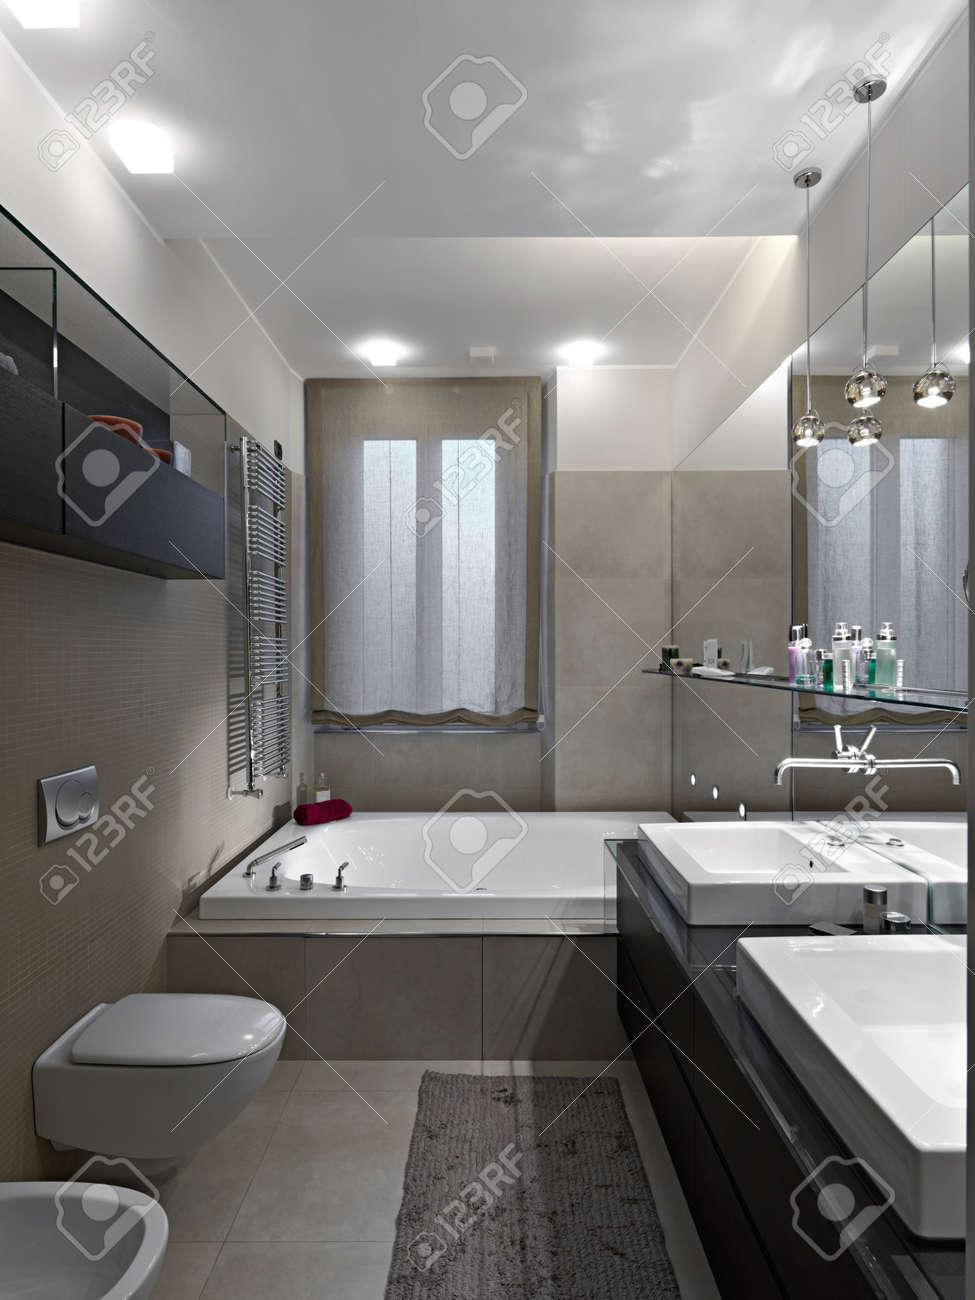 Vue intérieure de salle de bains moderne avec baignoire sous la fenêtre et  foregorund de sanitaruware